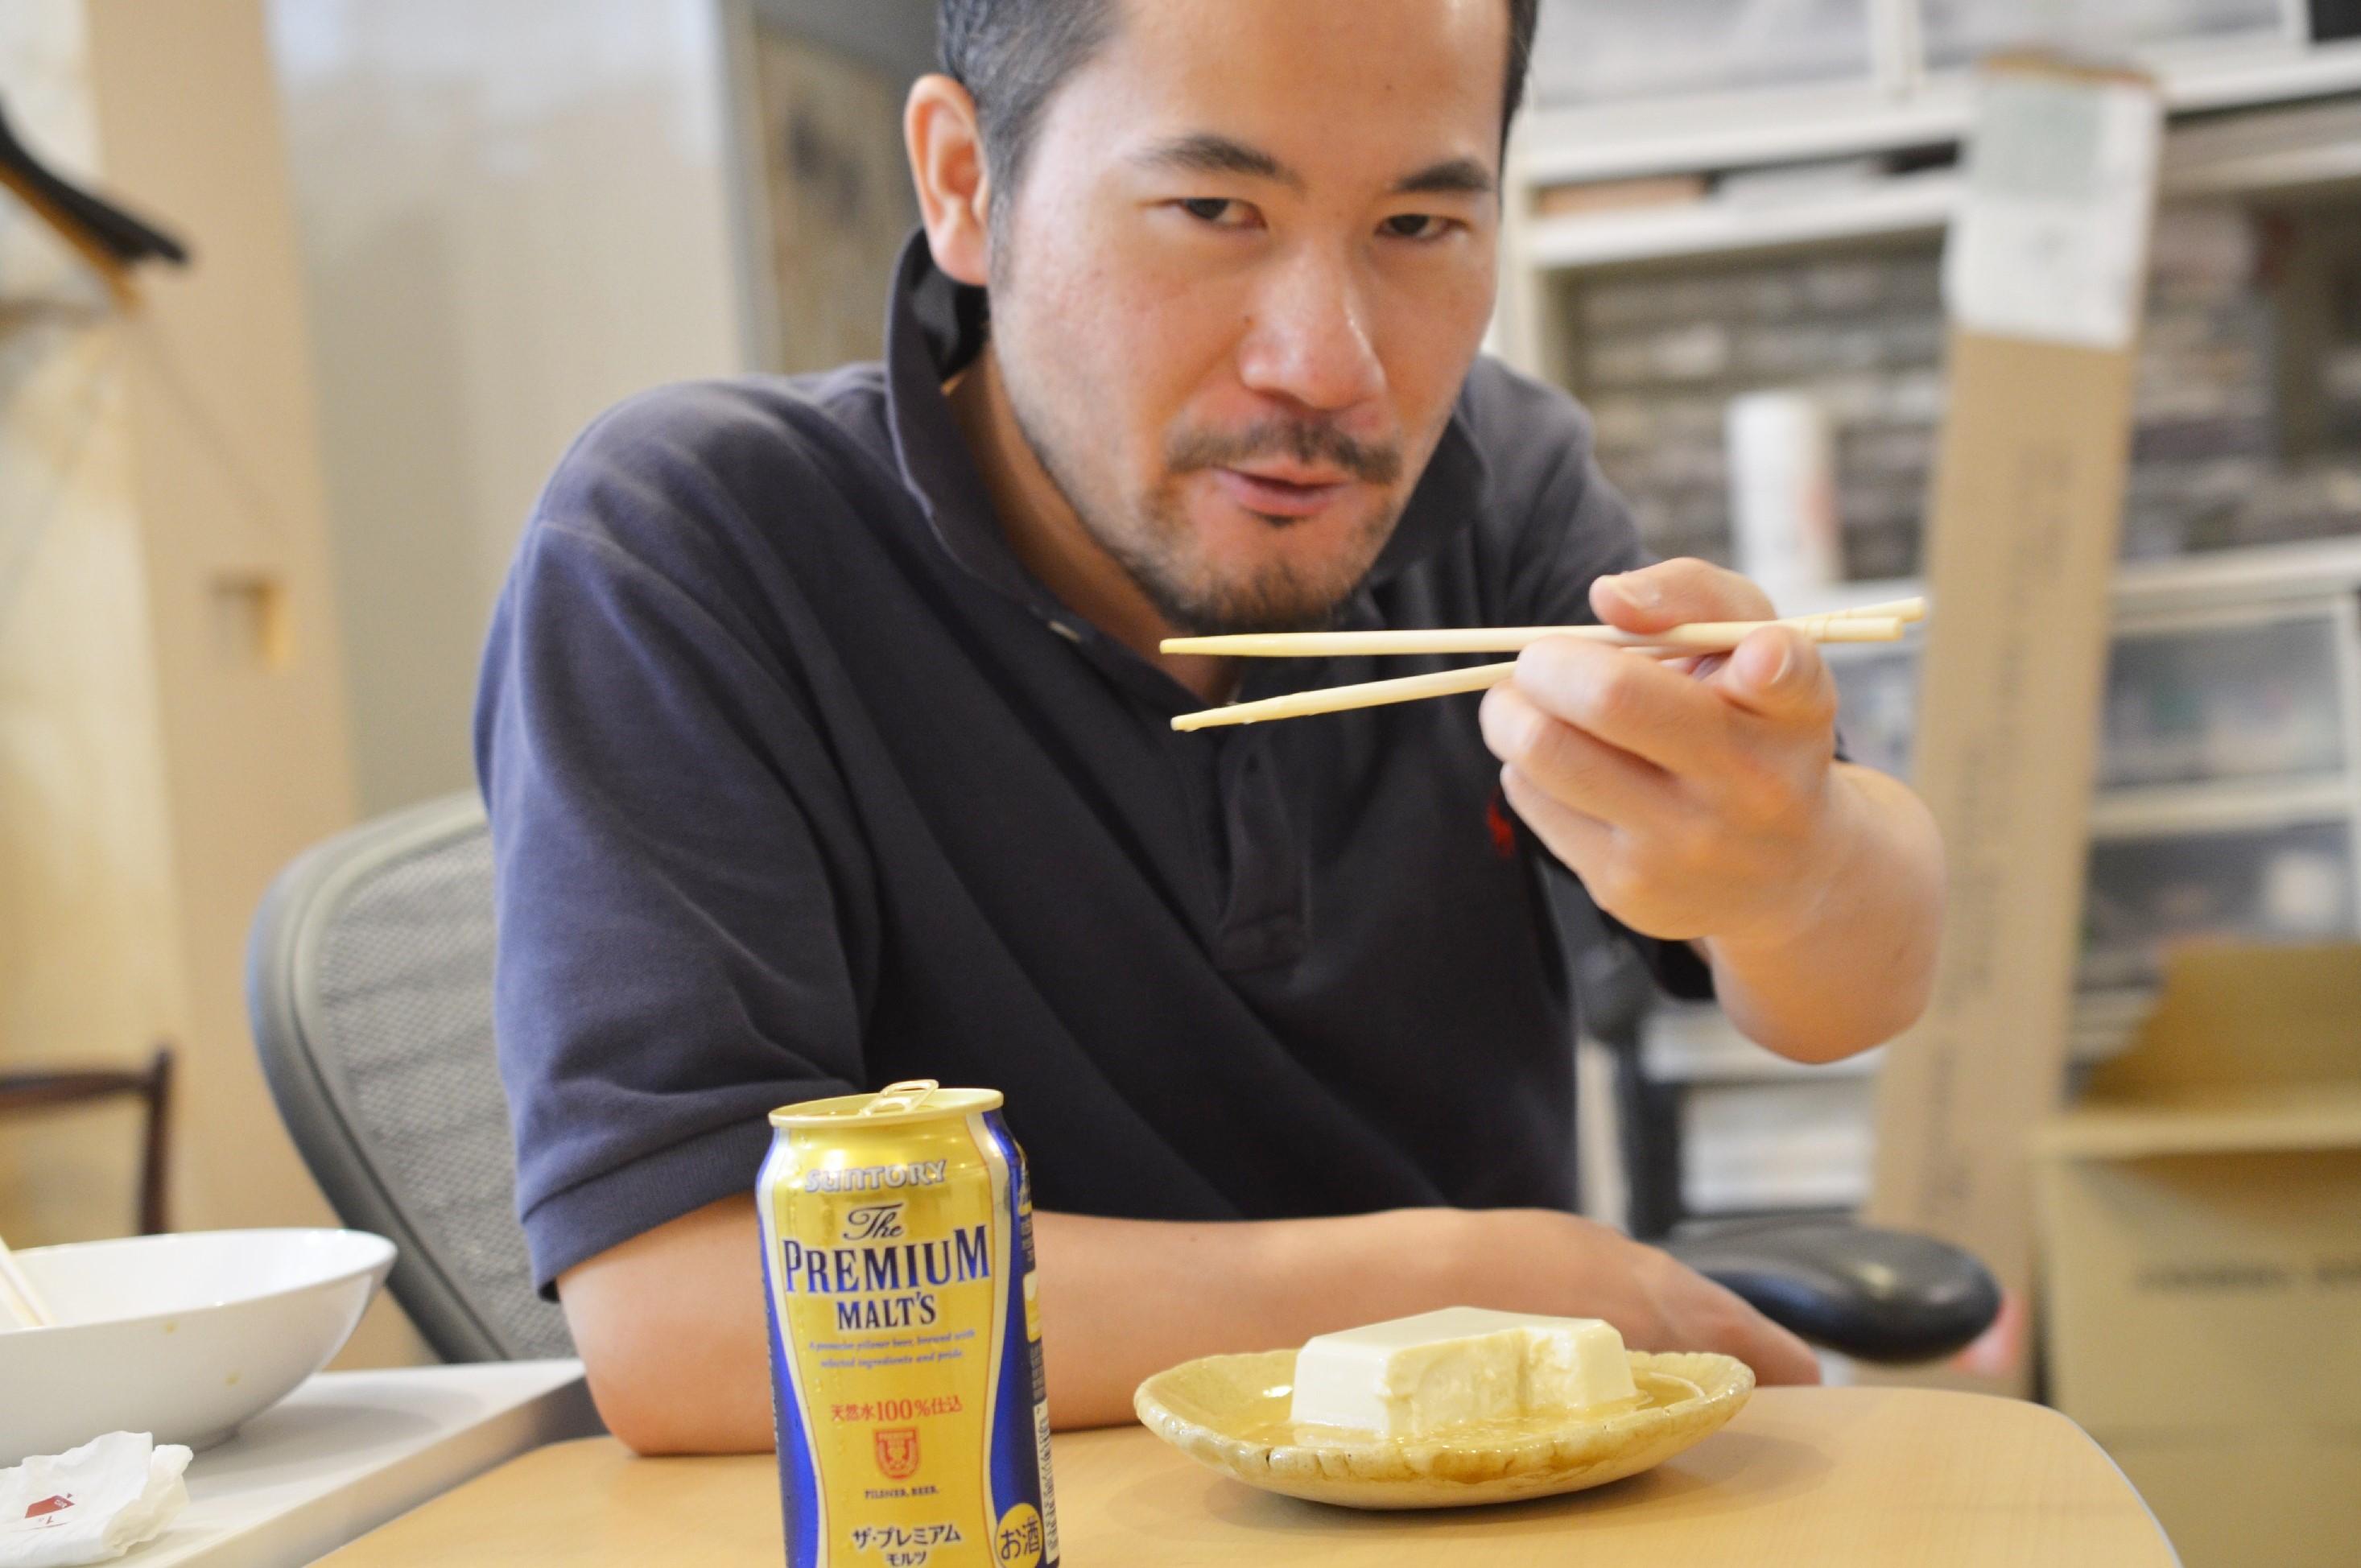 【豆腐の酒びたし……?】いろんな酒を冷奴にかけて、一番うまくなるやつを決めようじゃないか!(前編)